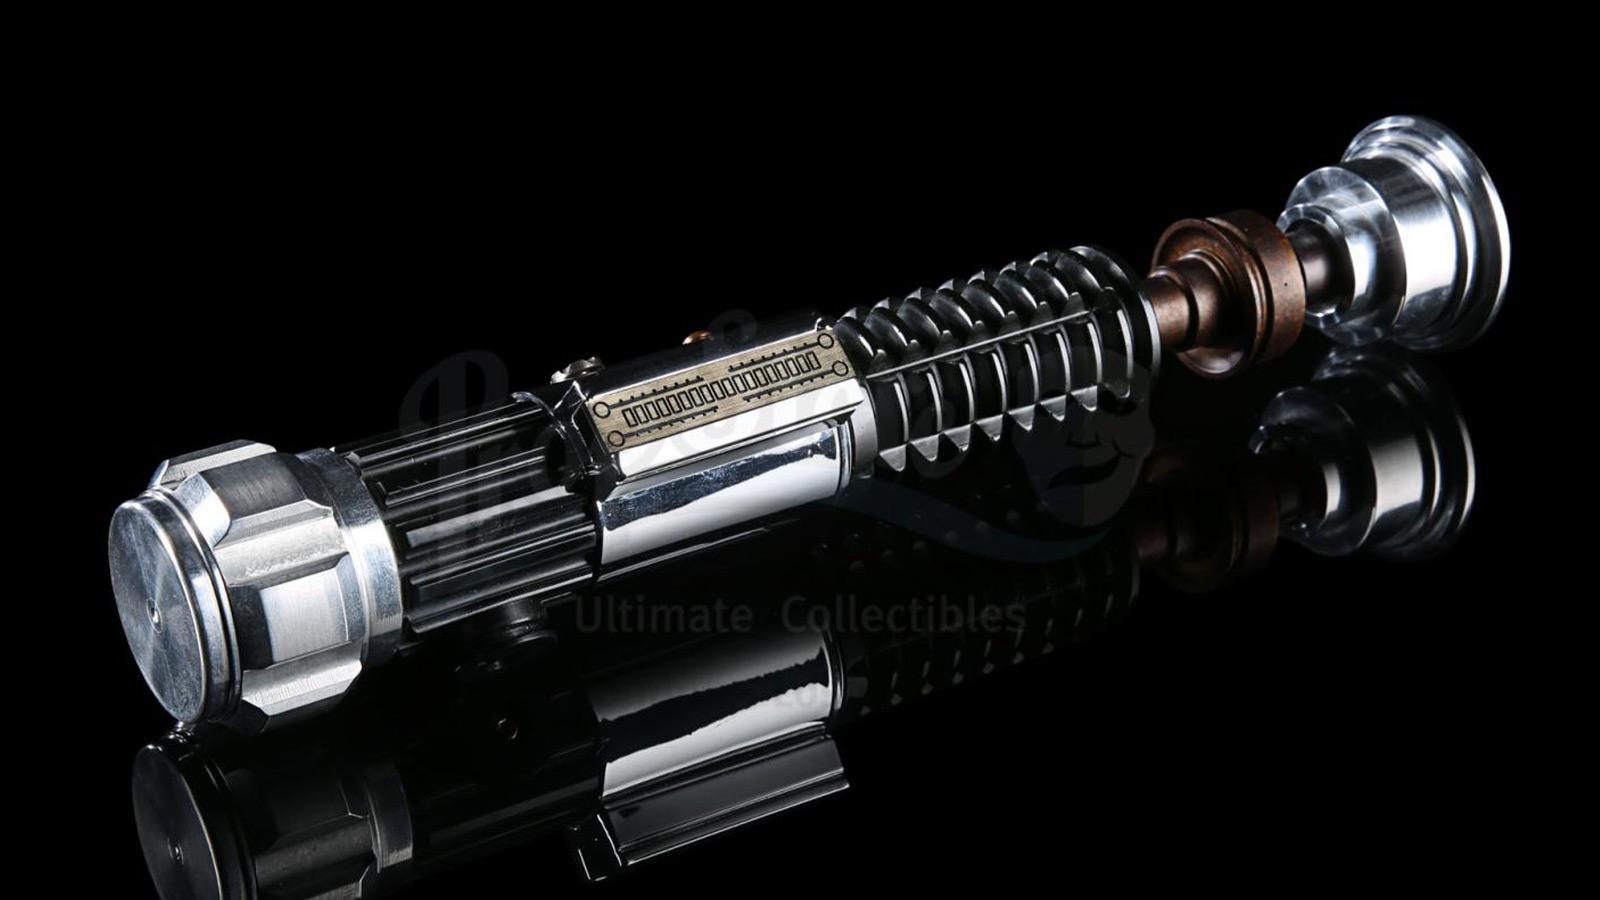 'Star Wars: Revenge of the Sith' Obi-Wan Kenobi's Hero Lightsaber